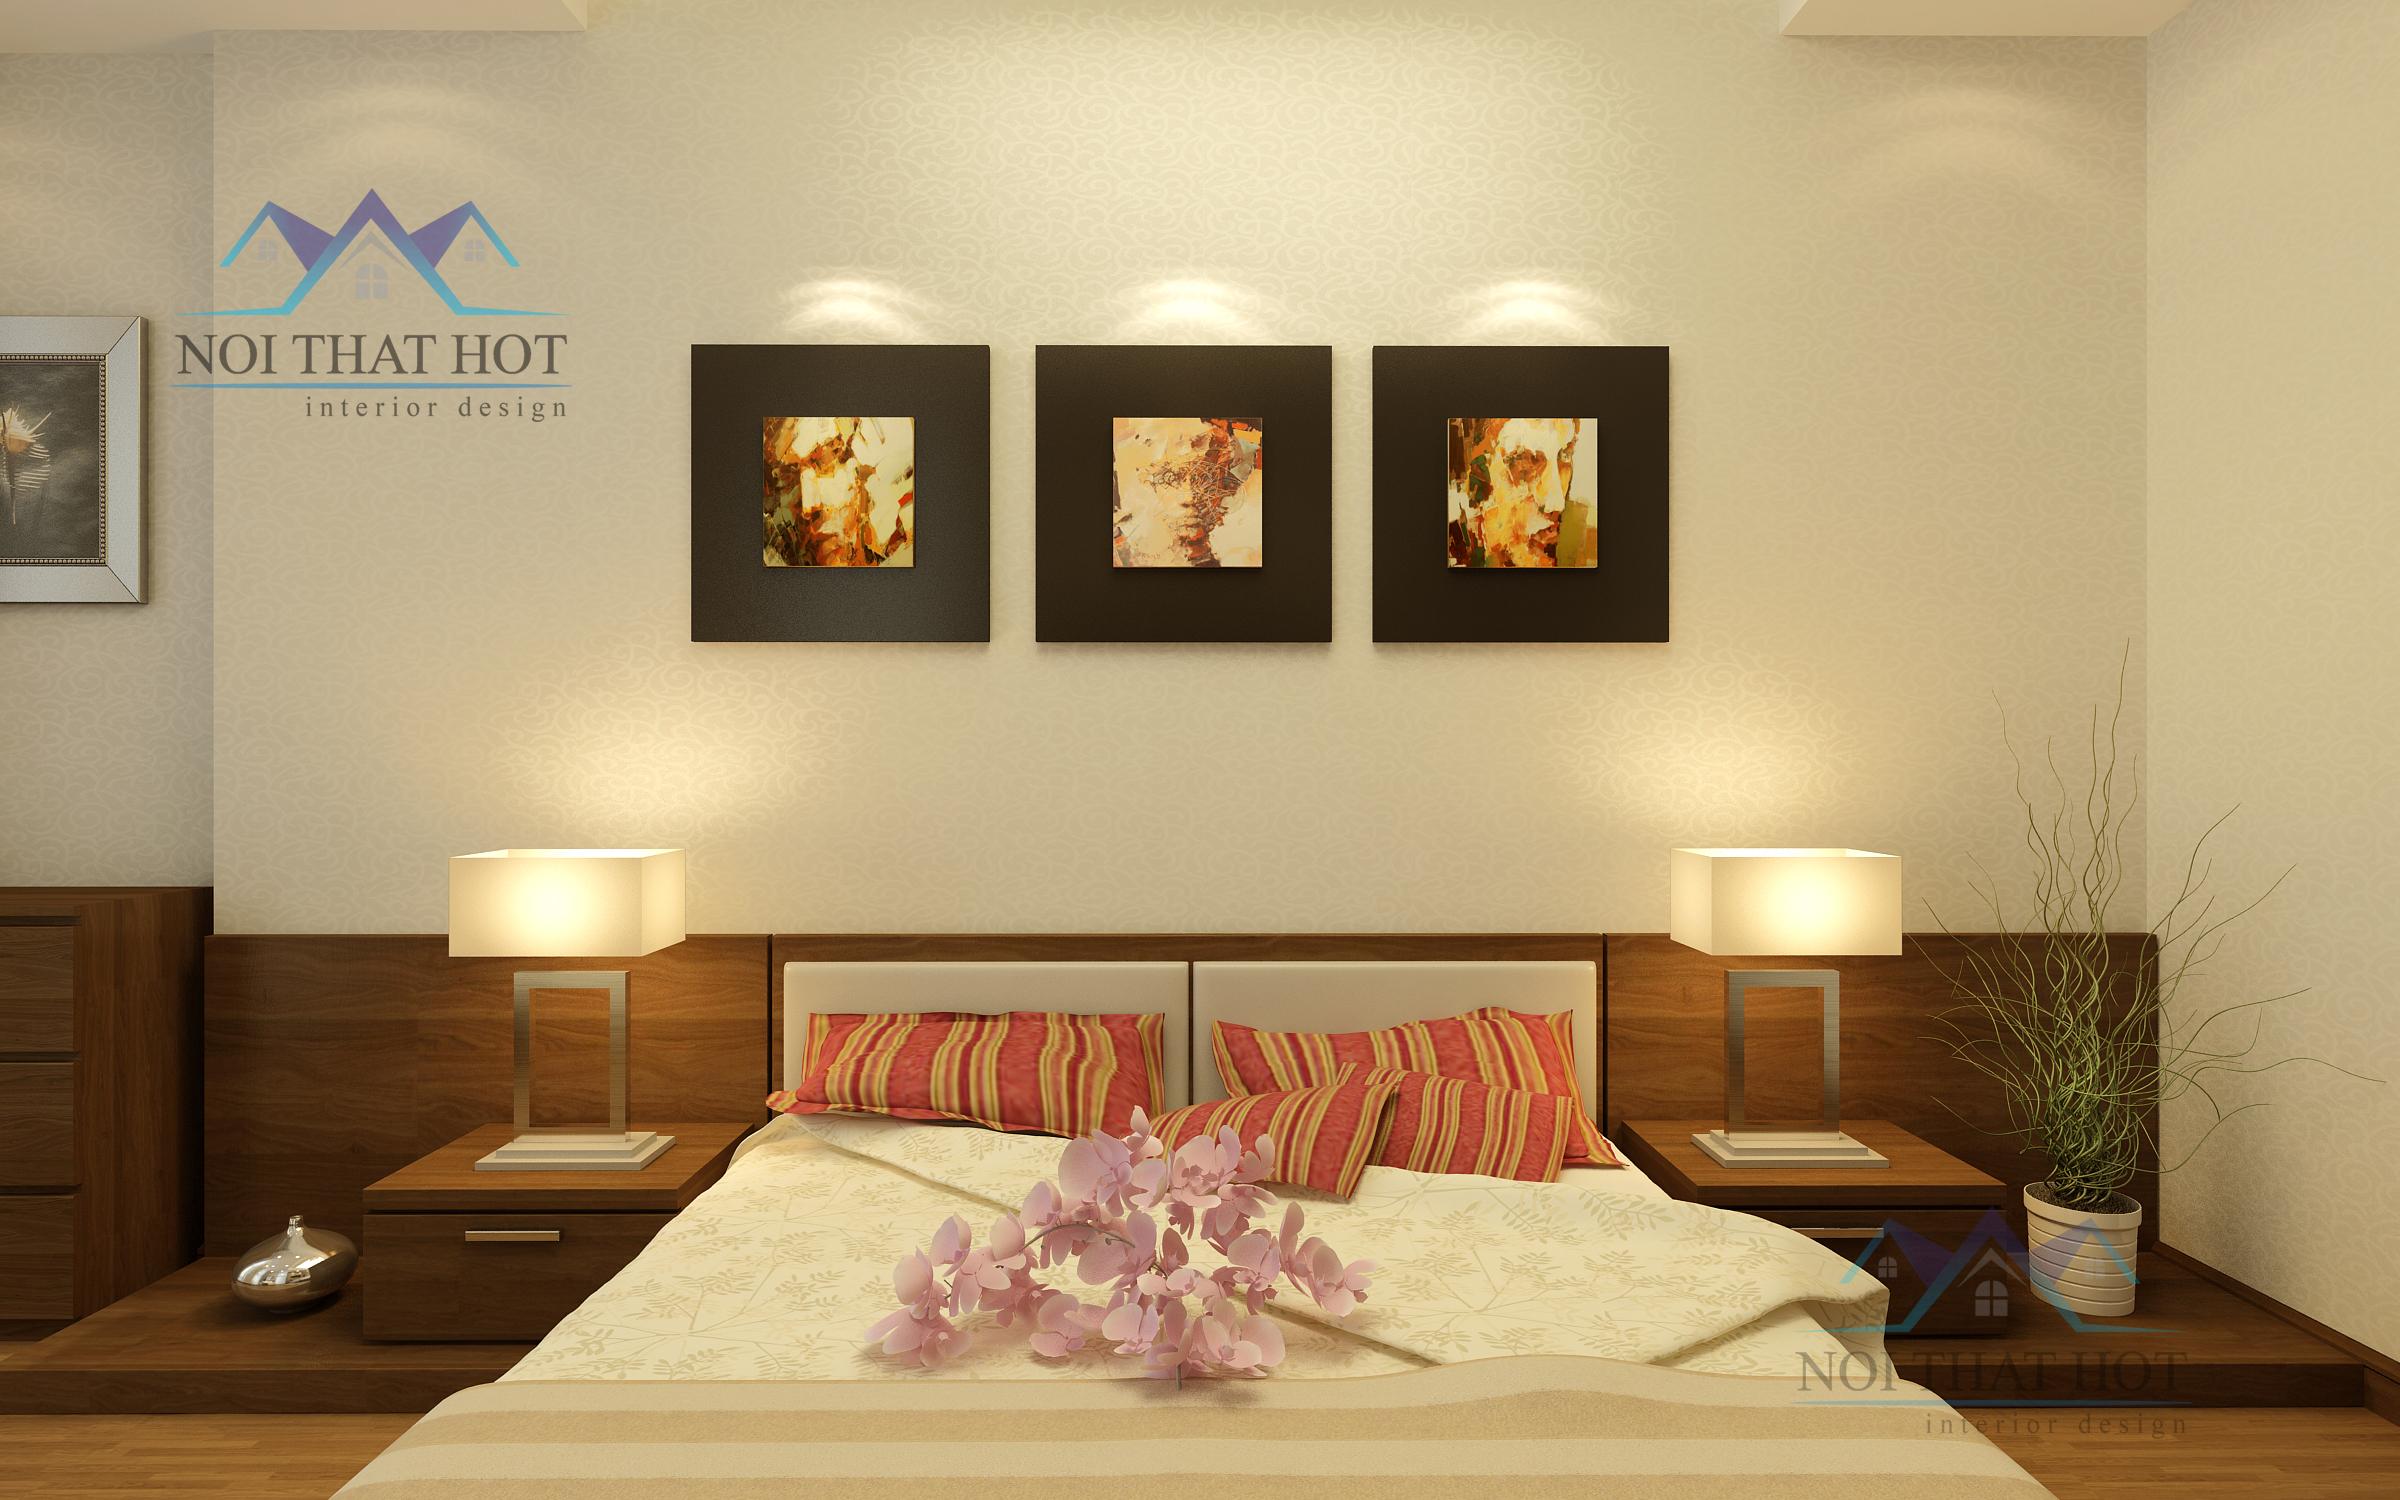 thiết kế phòng ngủ ấm cúng, thiết kế chung cư cao cấp